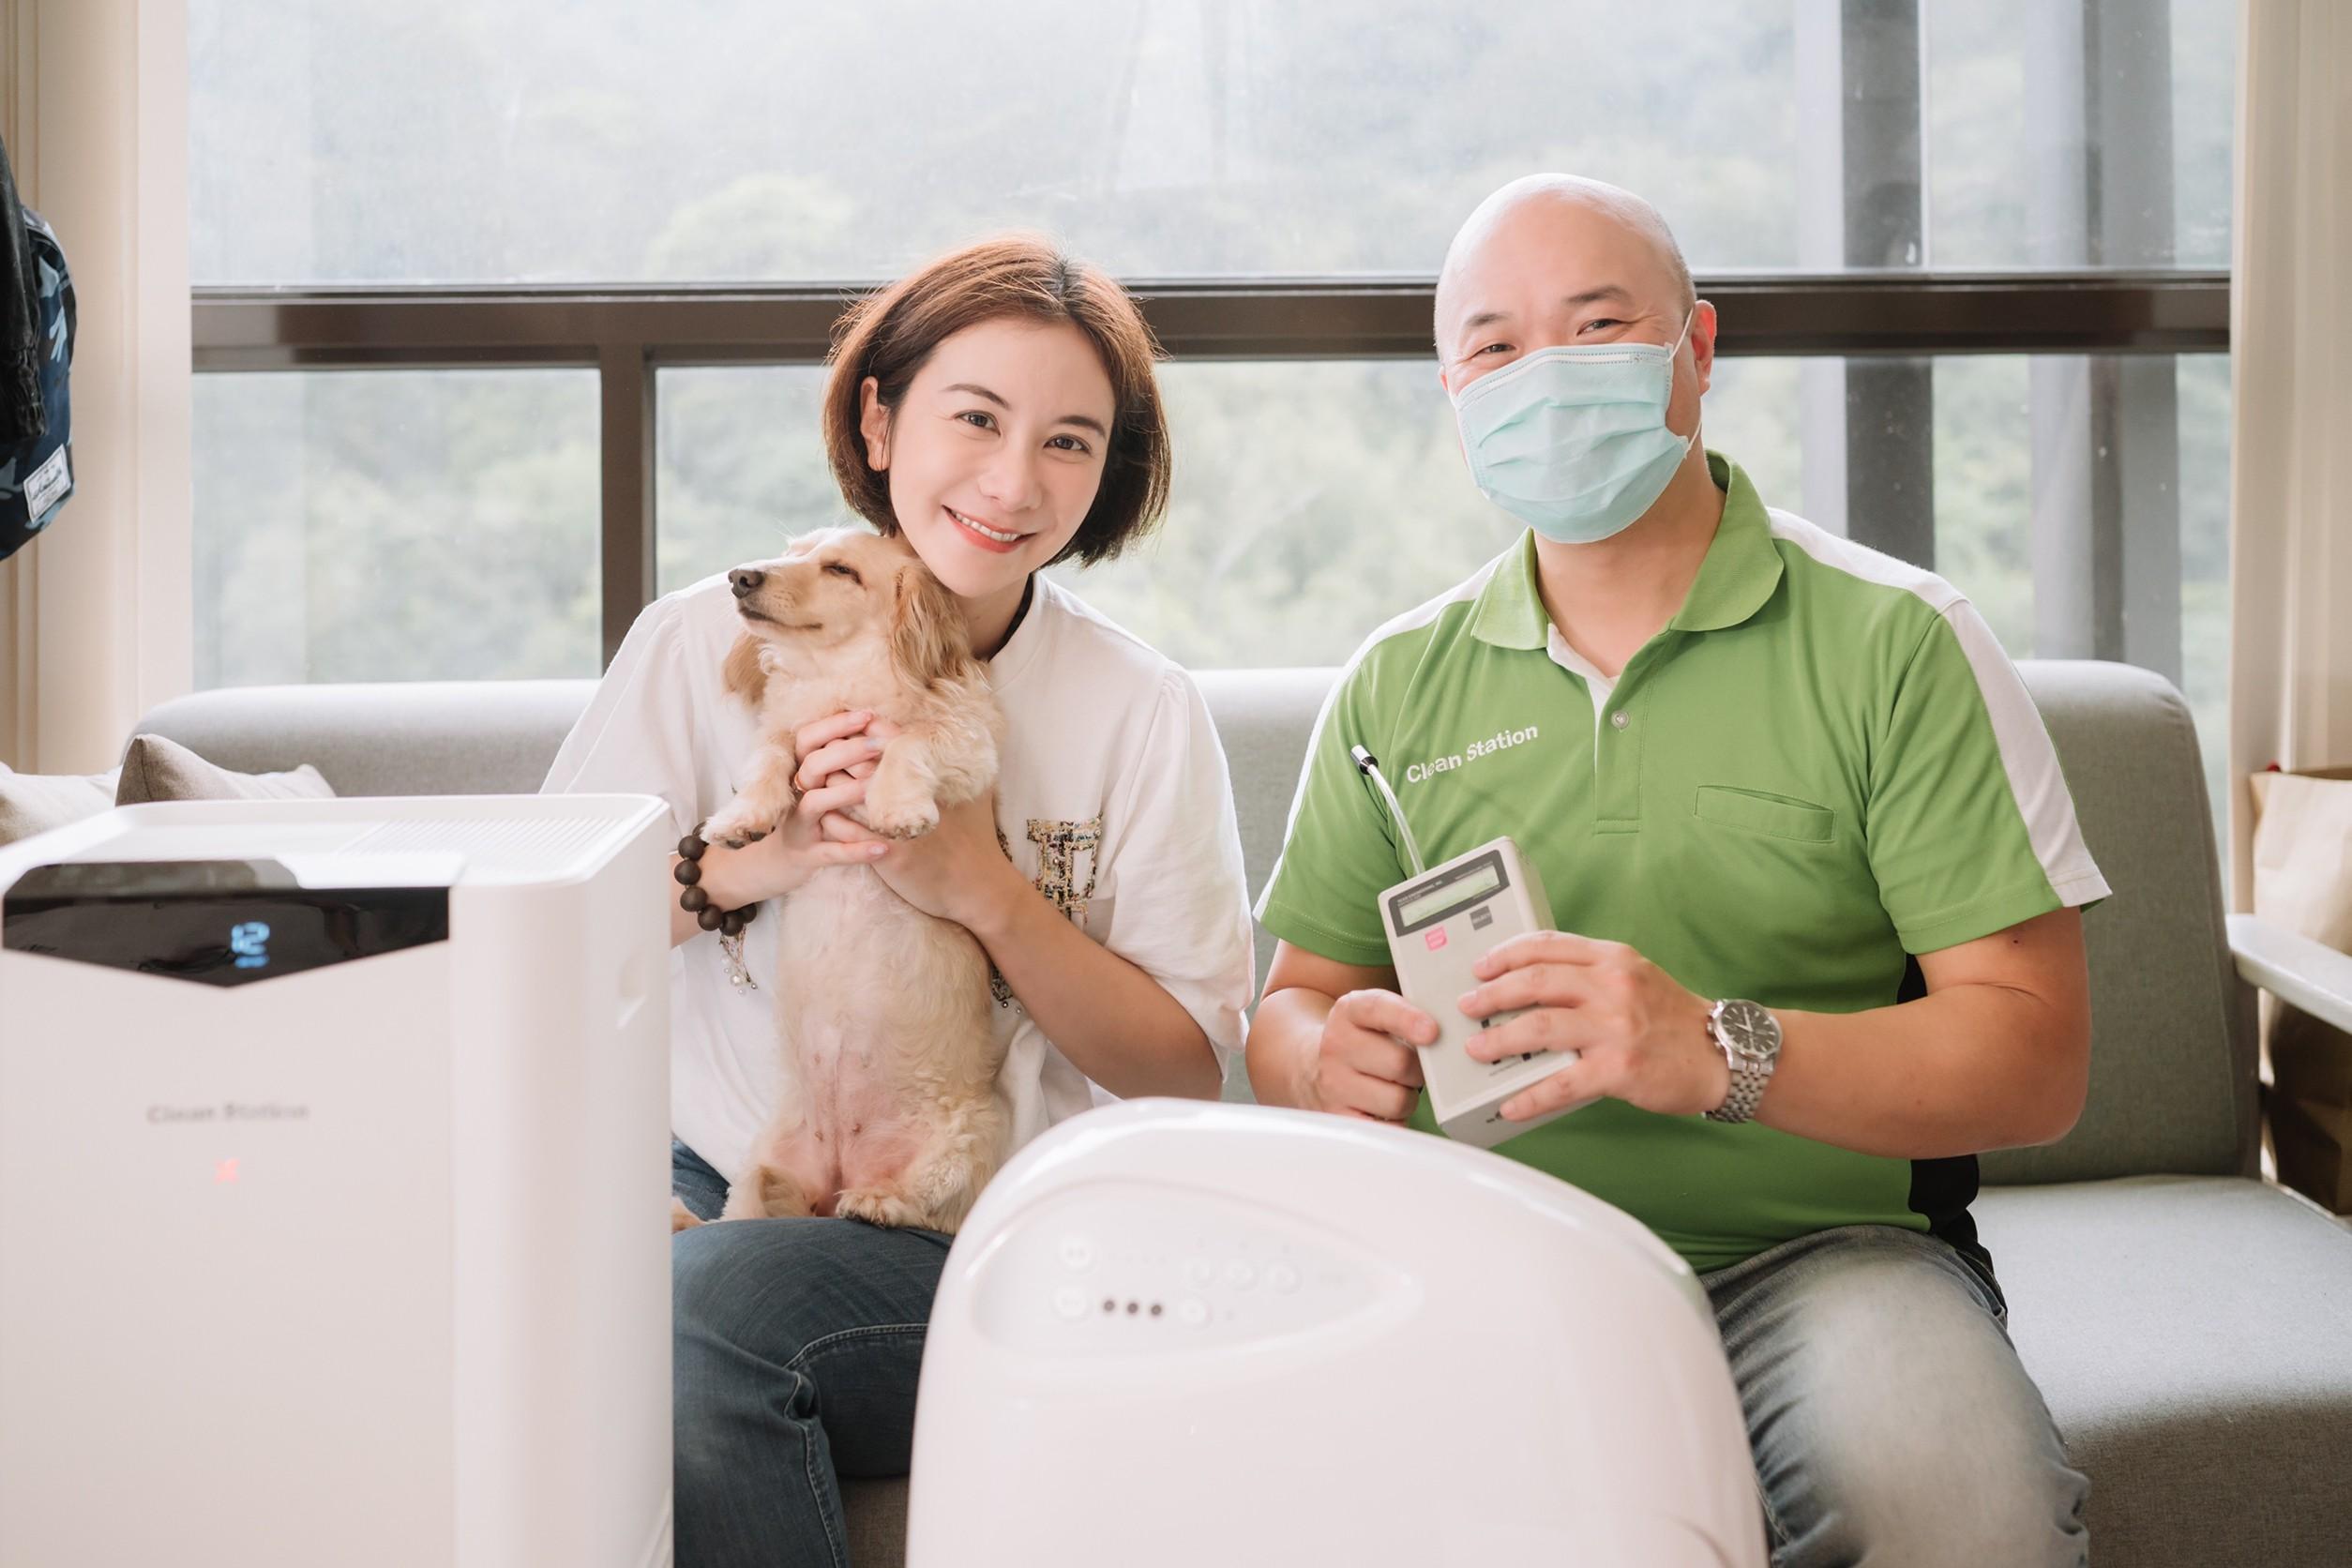 推薦MIT品牌 克立淨空氣清淨機,最強空氣保全,我們一家擁有純淨好空氣!